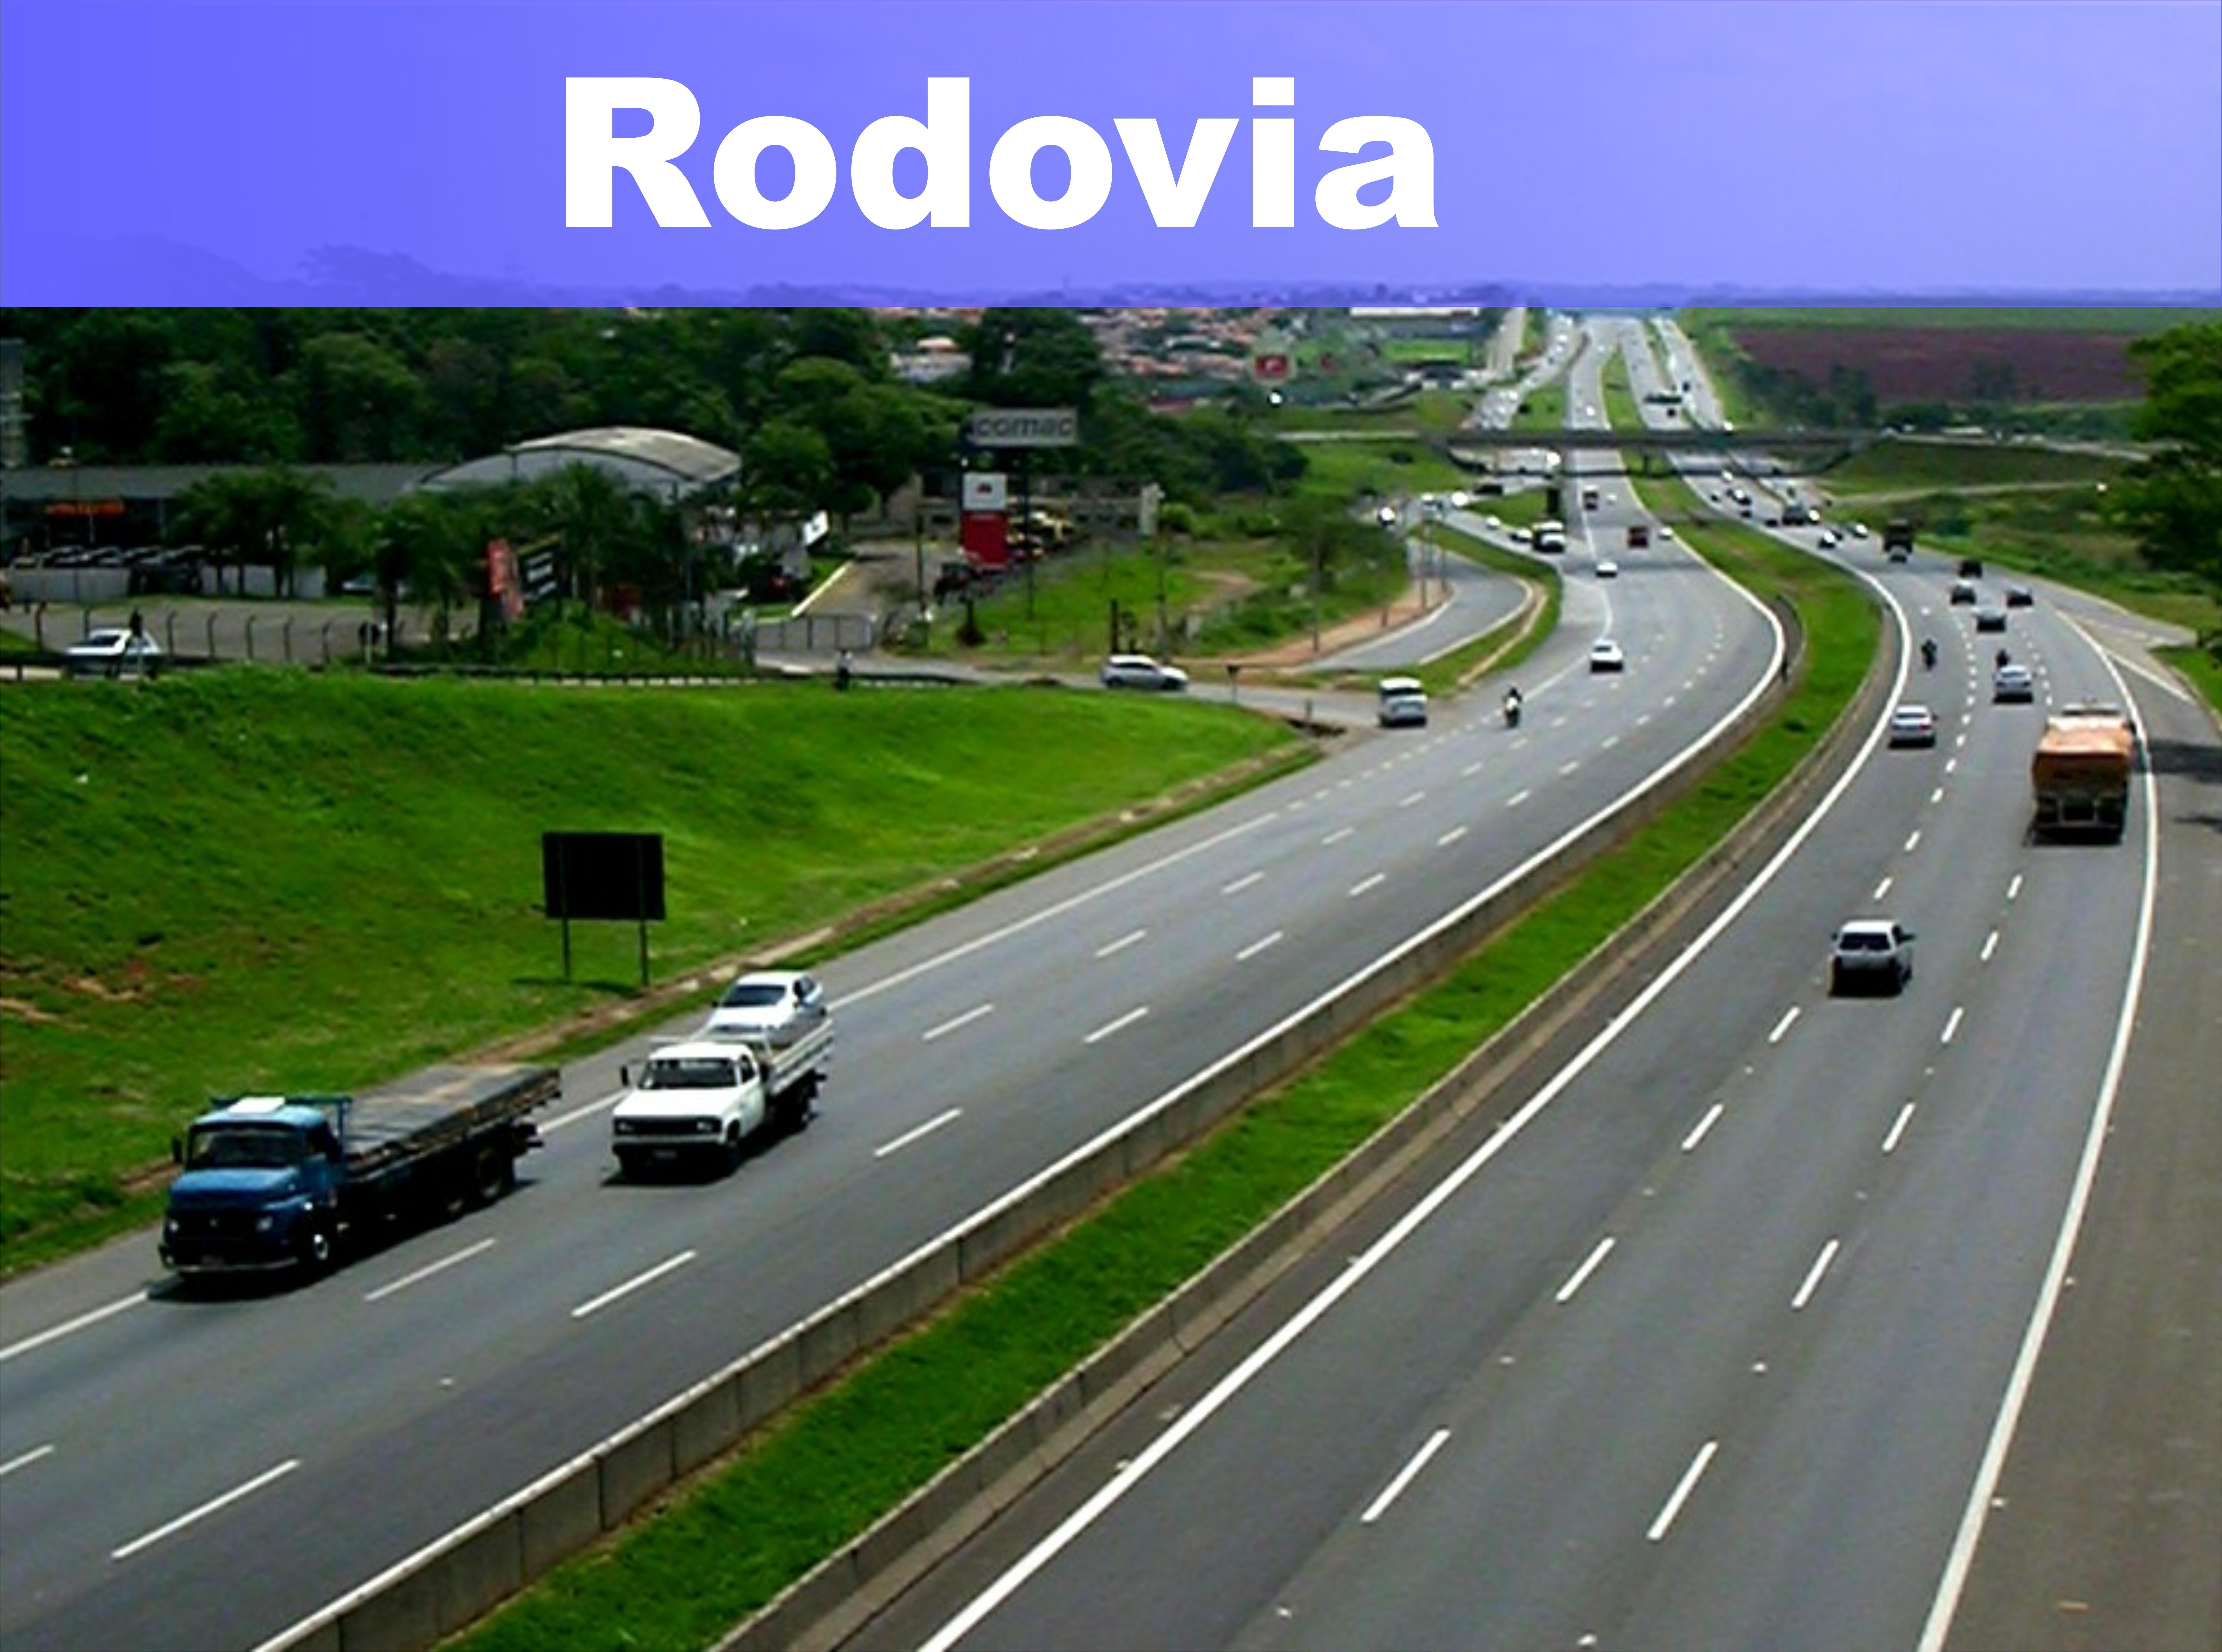 medo-dirigir-rodovia